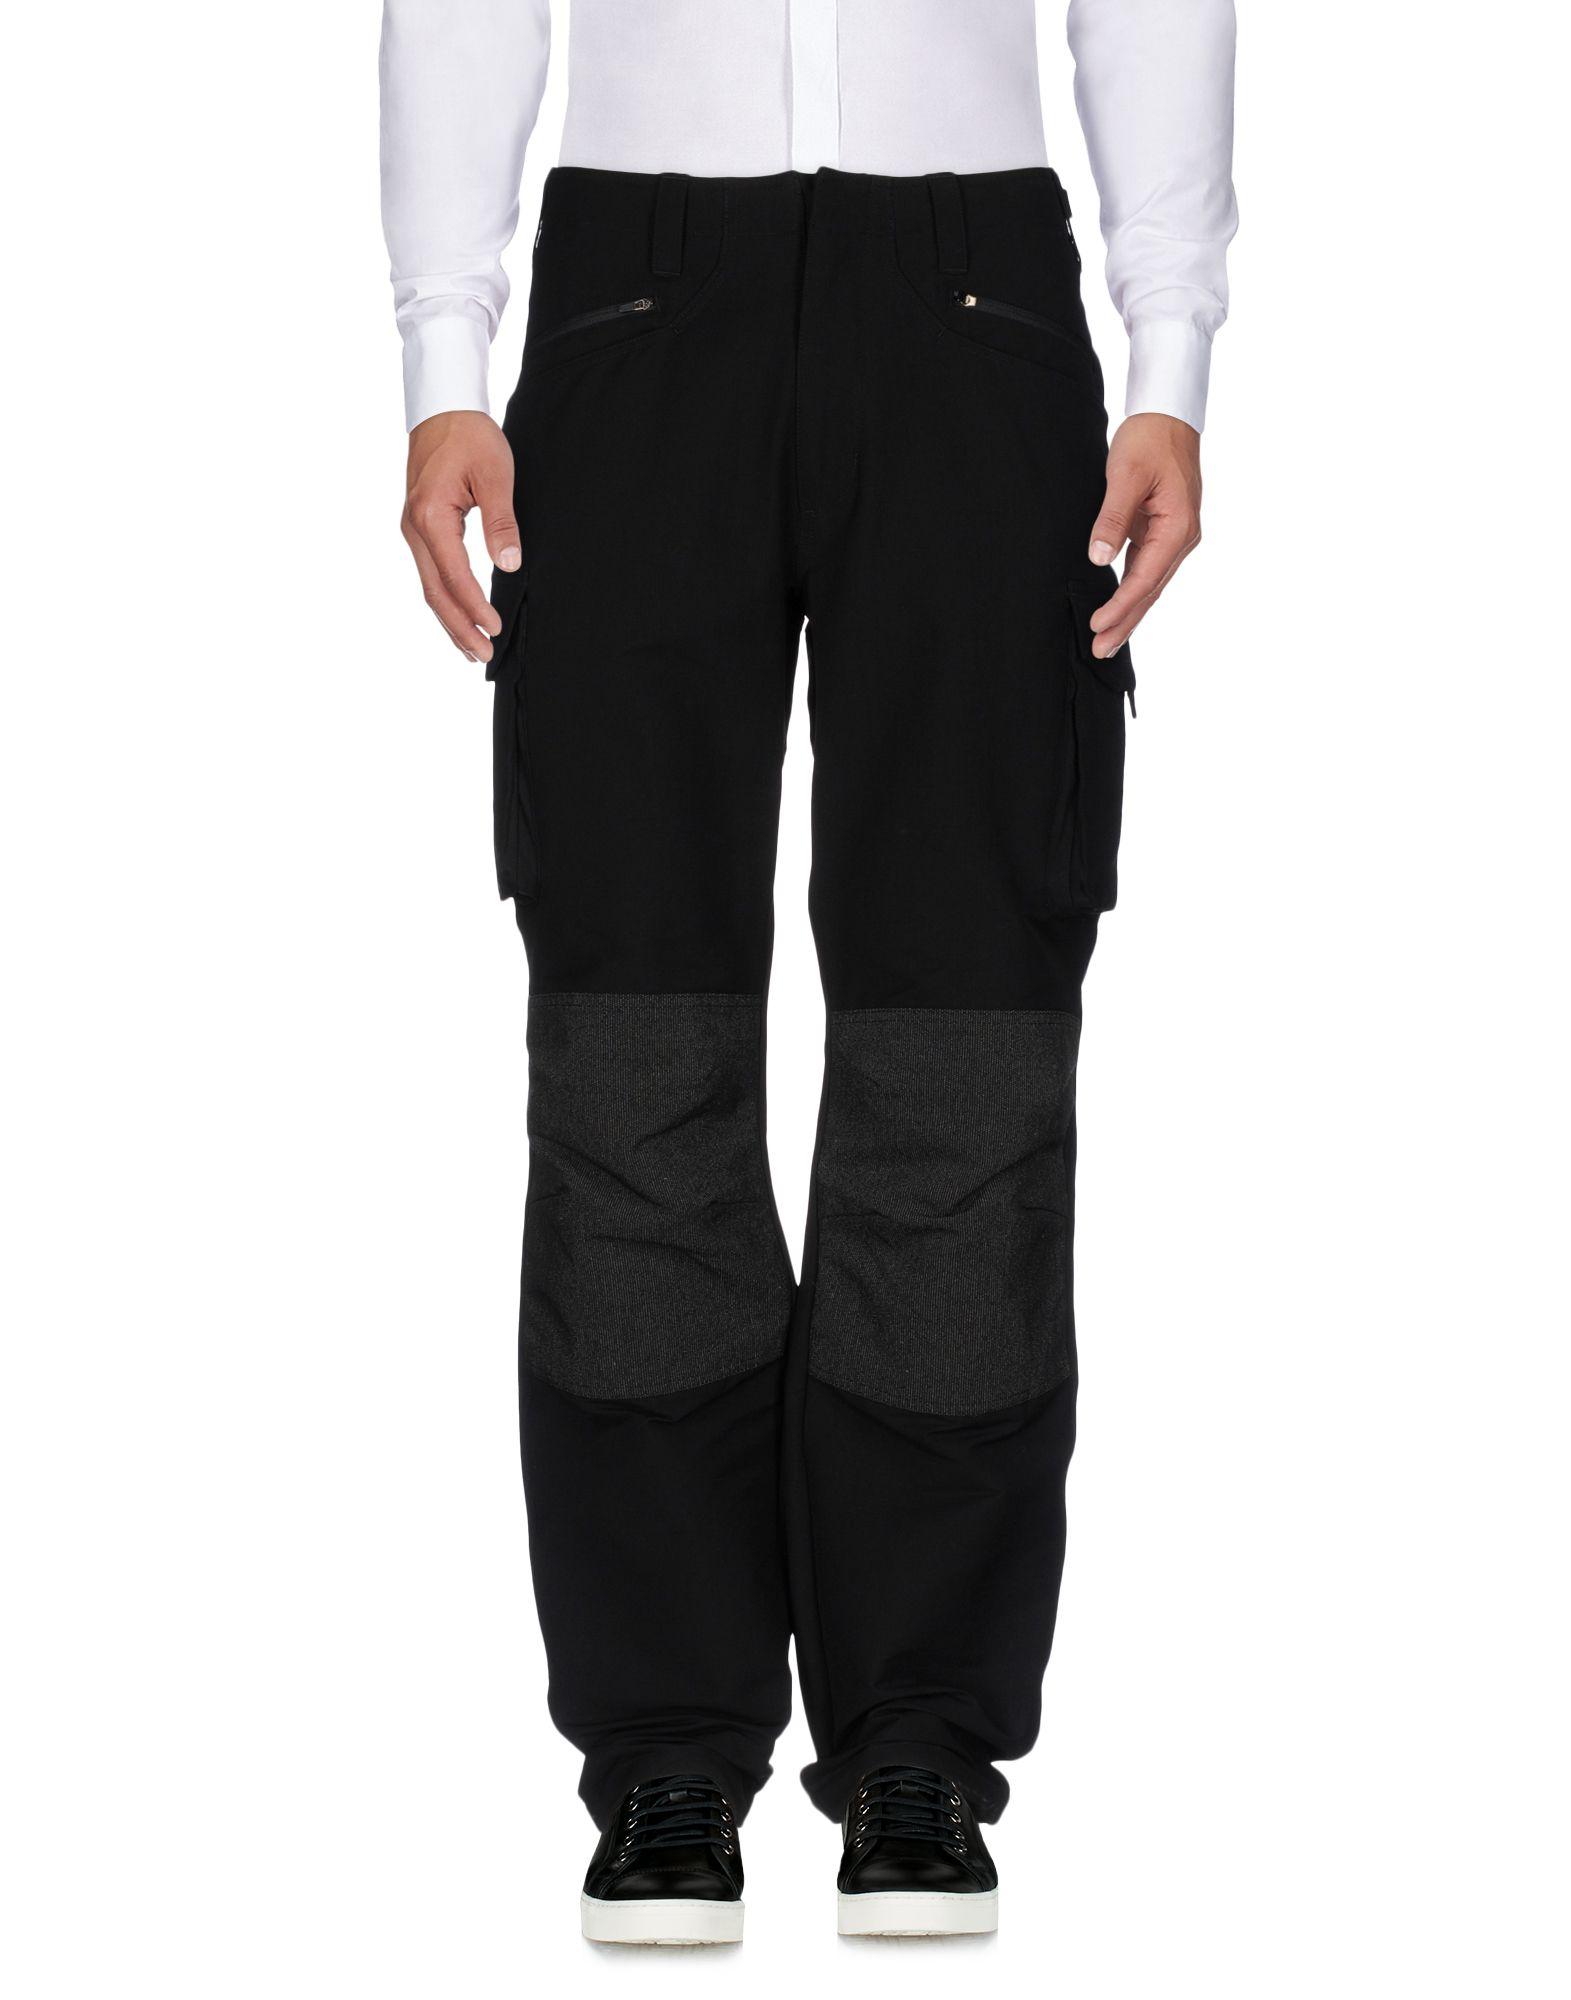 7 LAYER SYSTEM Повседневные брюки